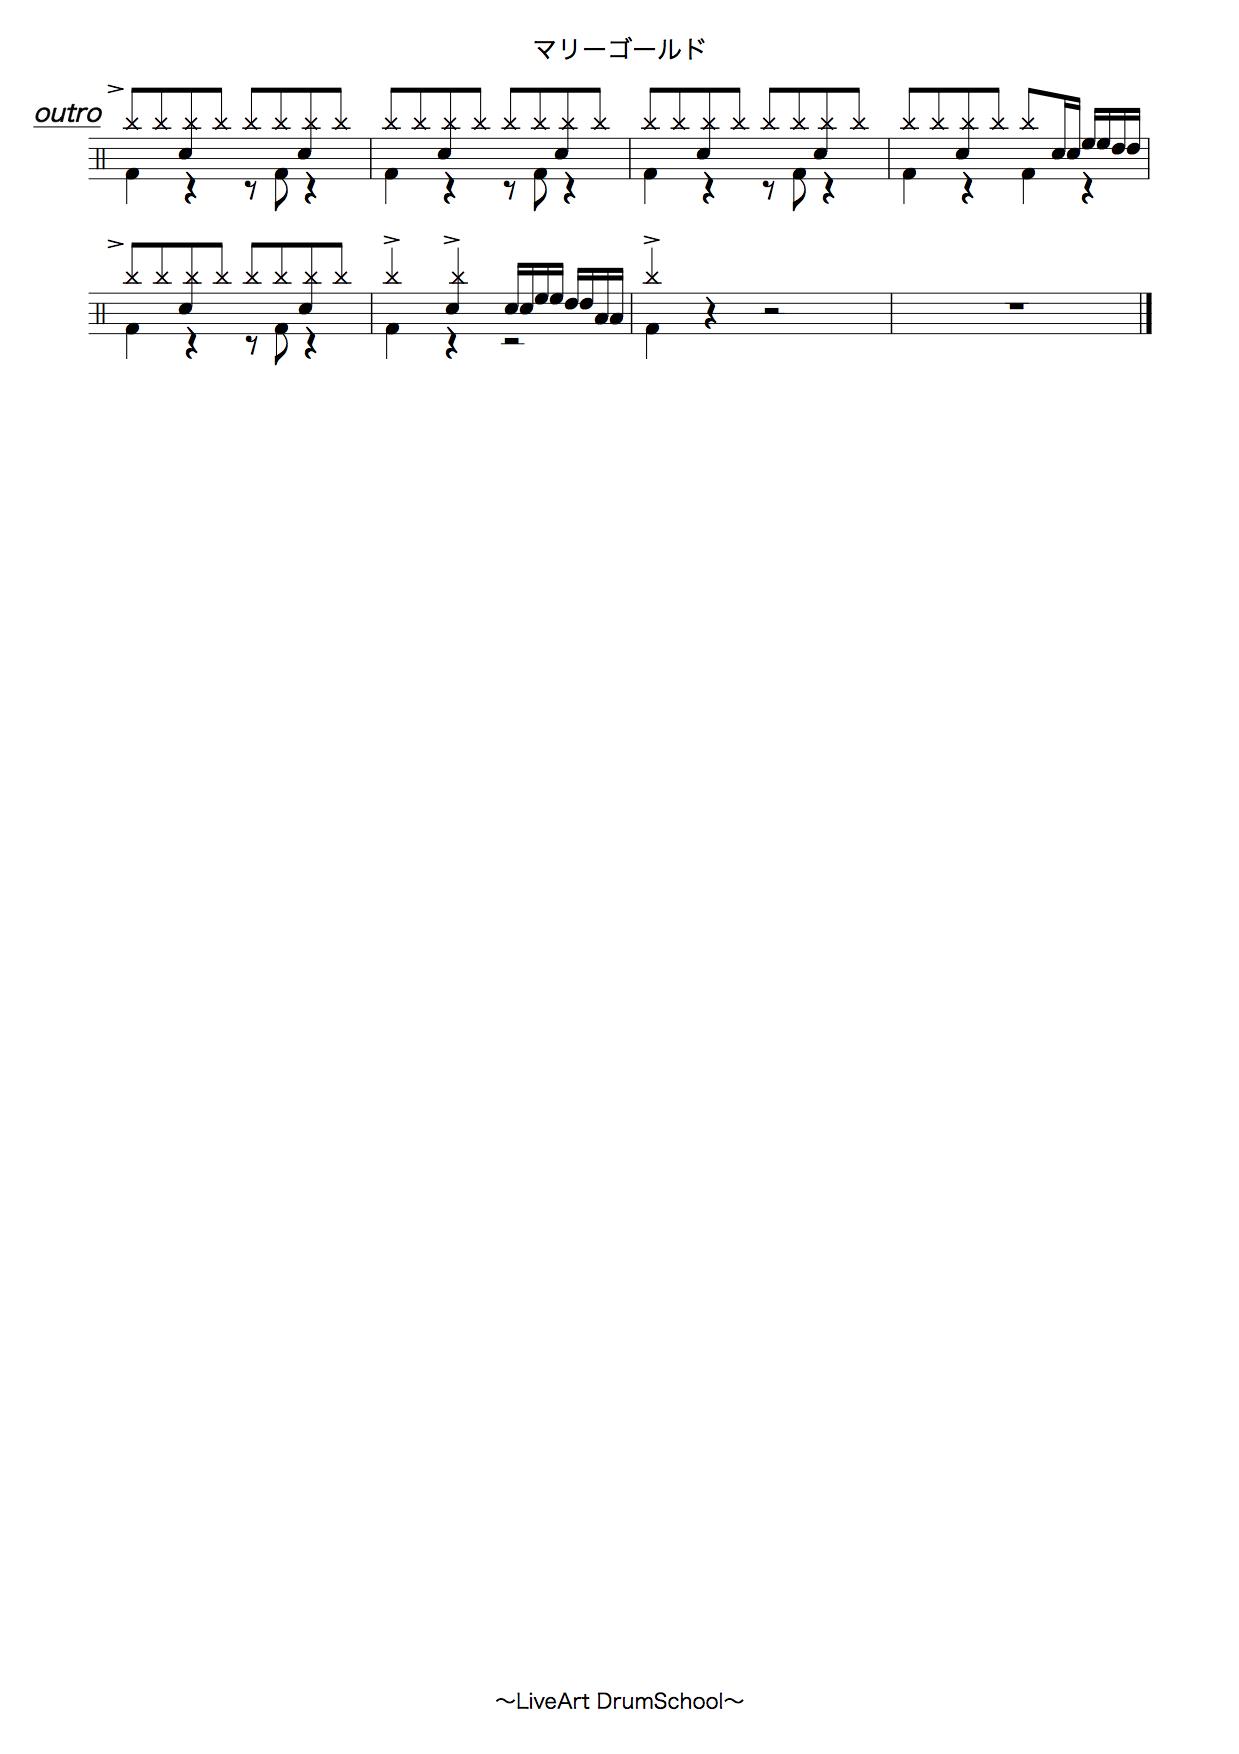 マリーゴールド・初心者用ドラム楽譜4